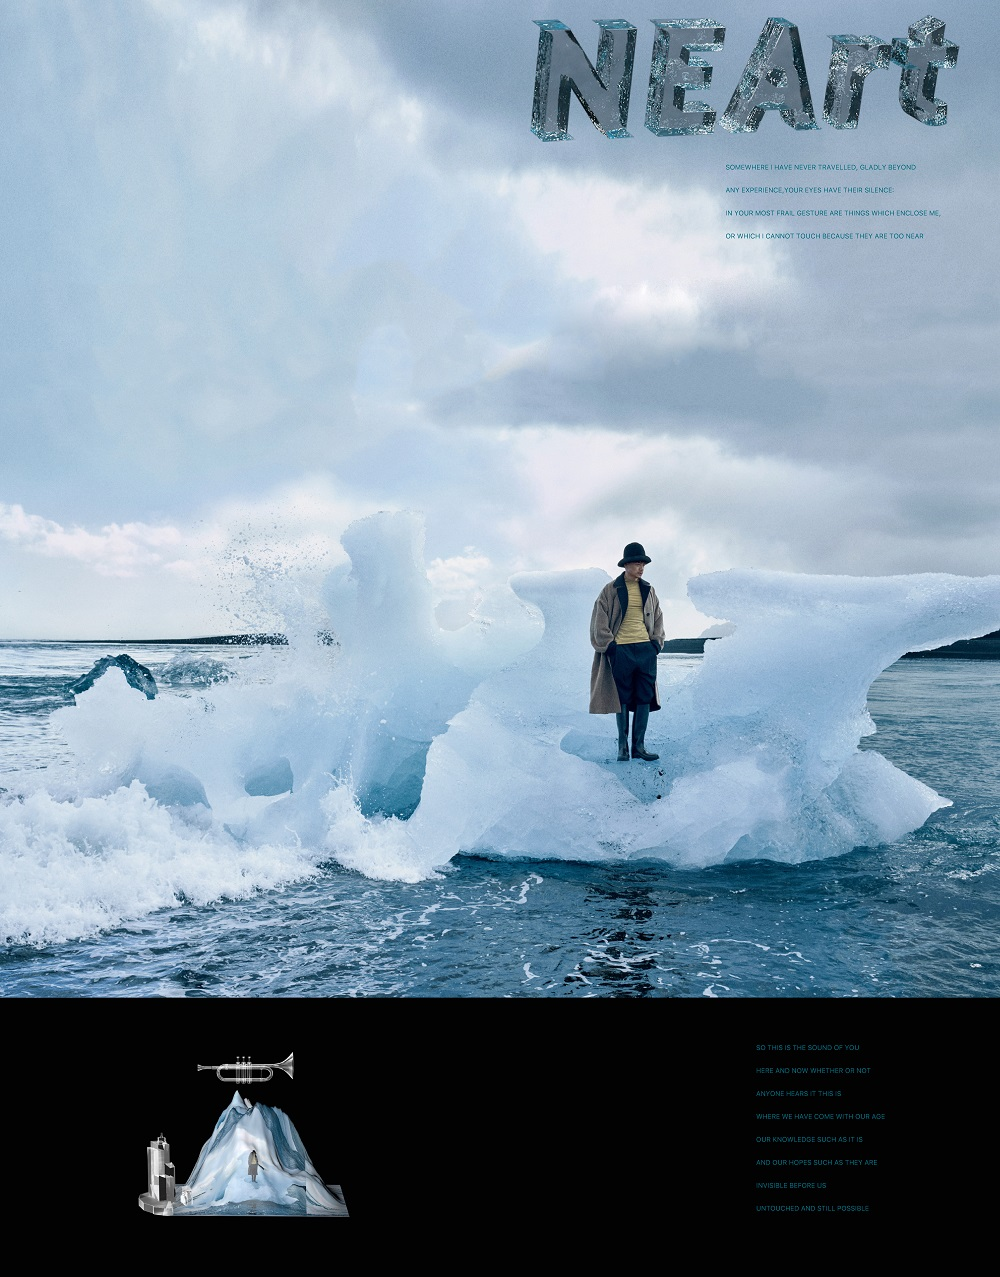 《时兴NEArt》开年大片正式上线 段奕宏冰岛诠释双重魅力